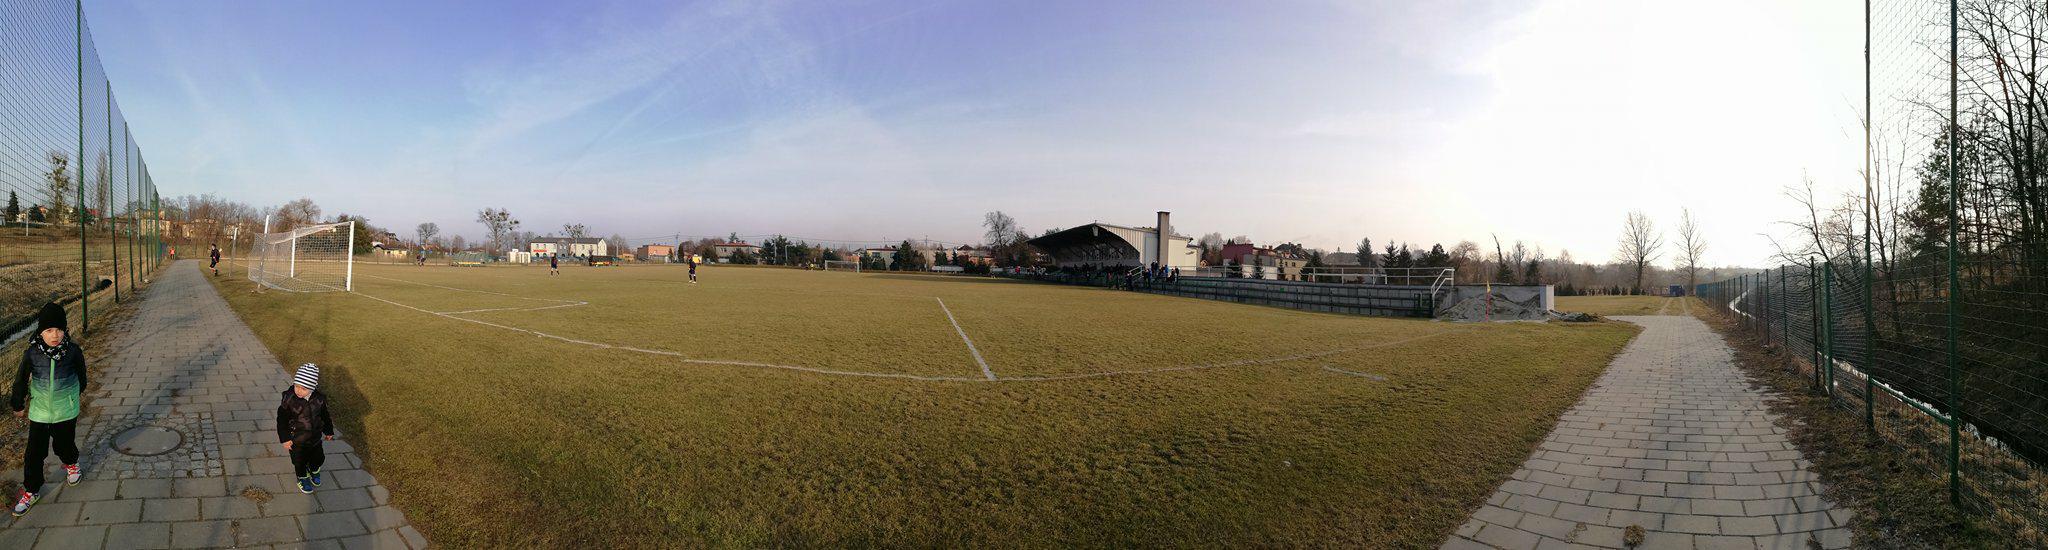 stadion i trybuna kryta Rymera